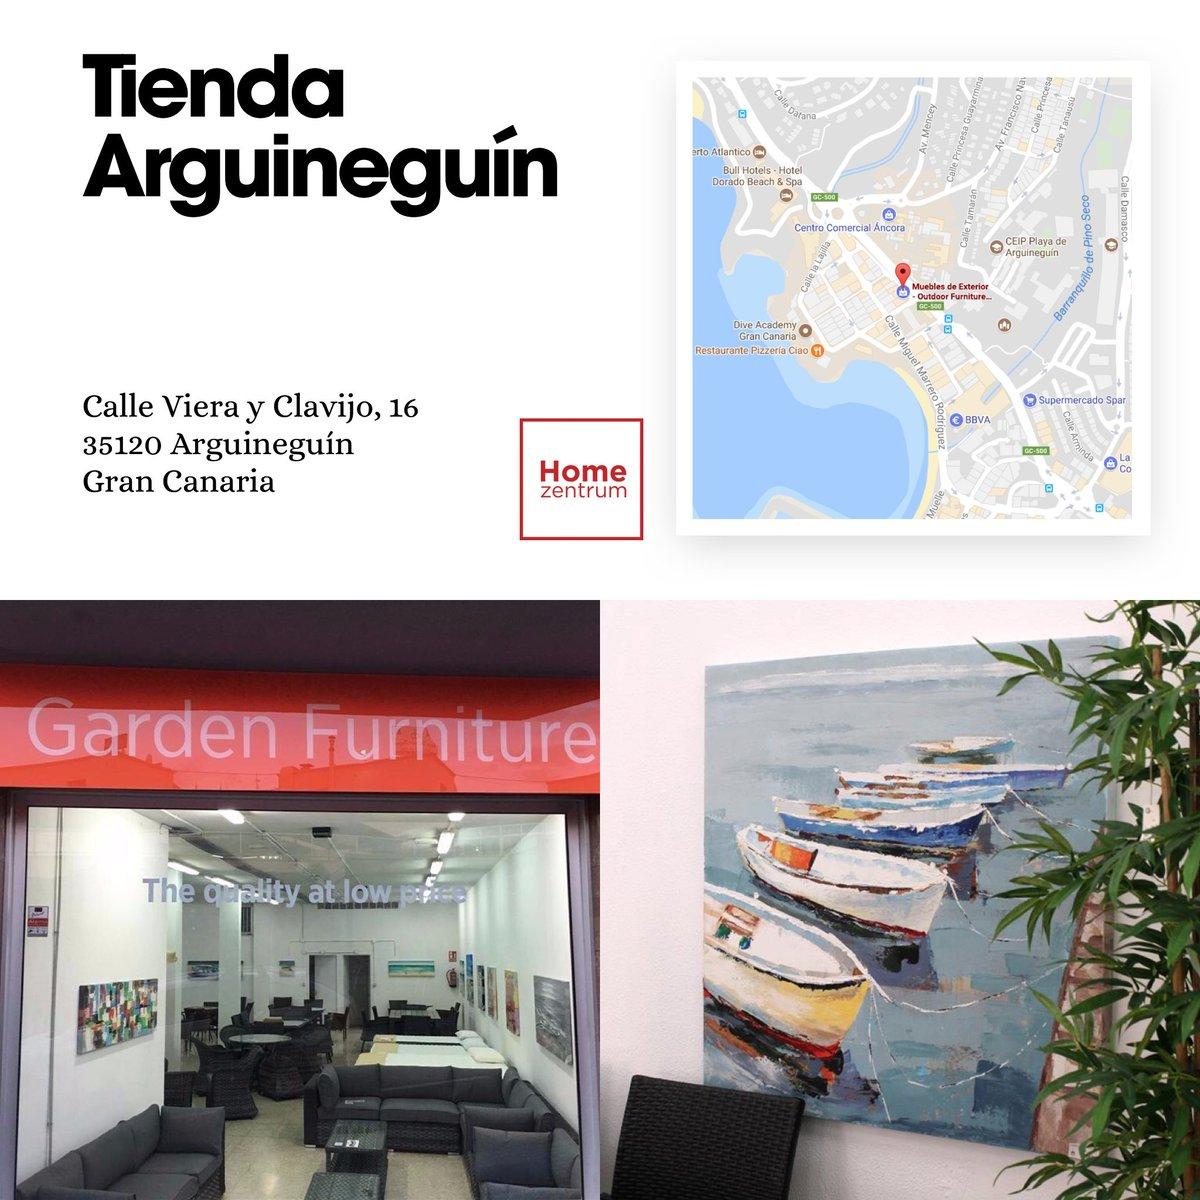 Tienda Muebles Gran Canaria Gallery Of With Tienda Muebles Gran  # Muebles Vecindario Gran Canaria